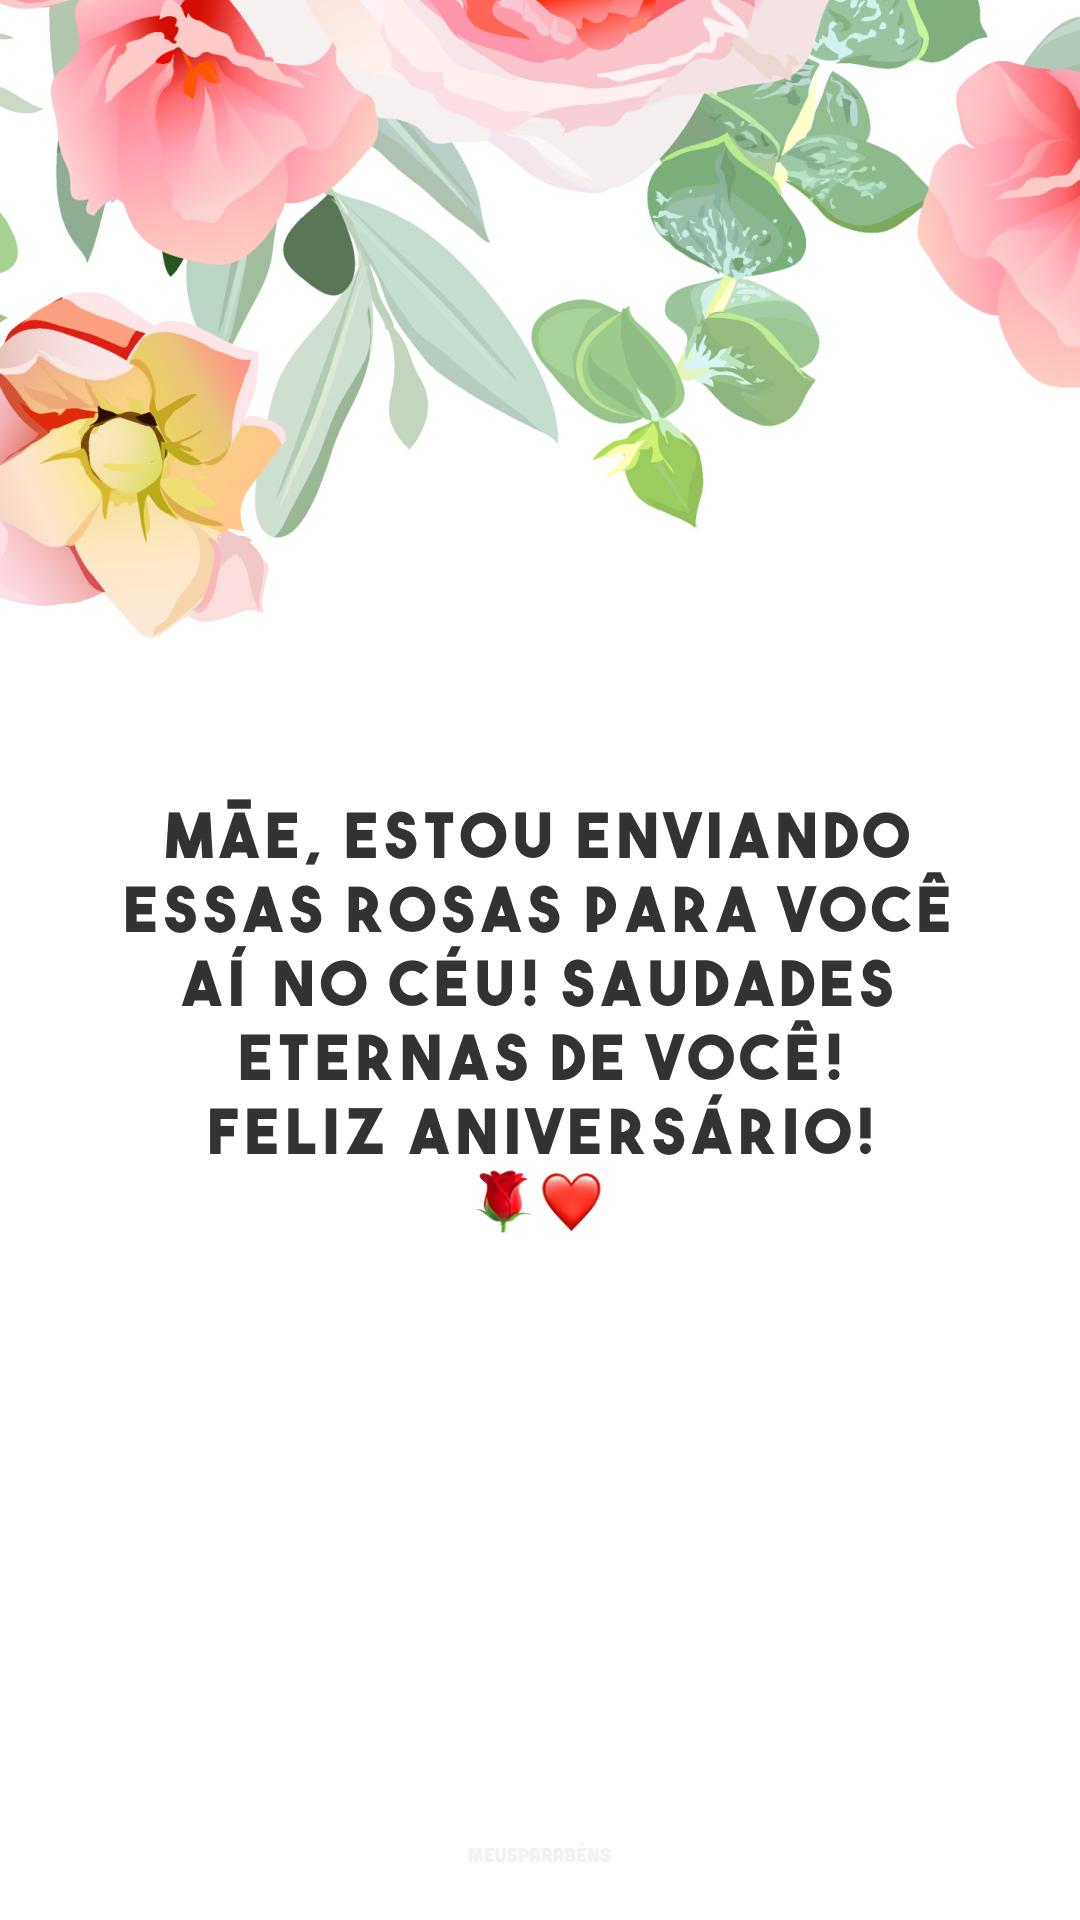 Mãe, estou enviando essas rosas para você aí no céu! Saudades eternas de você! Feliz aniversário! ❤️